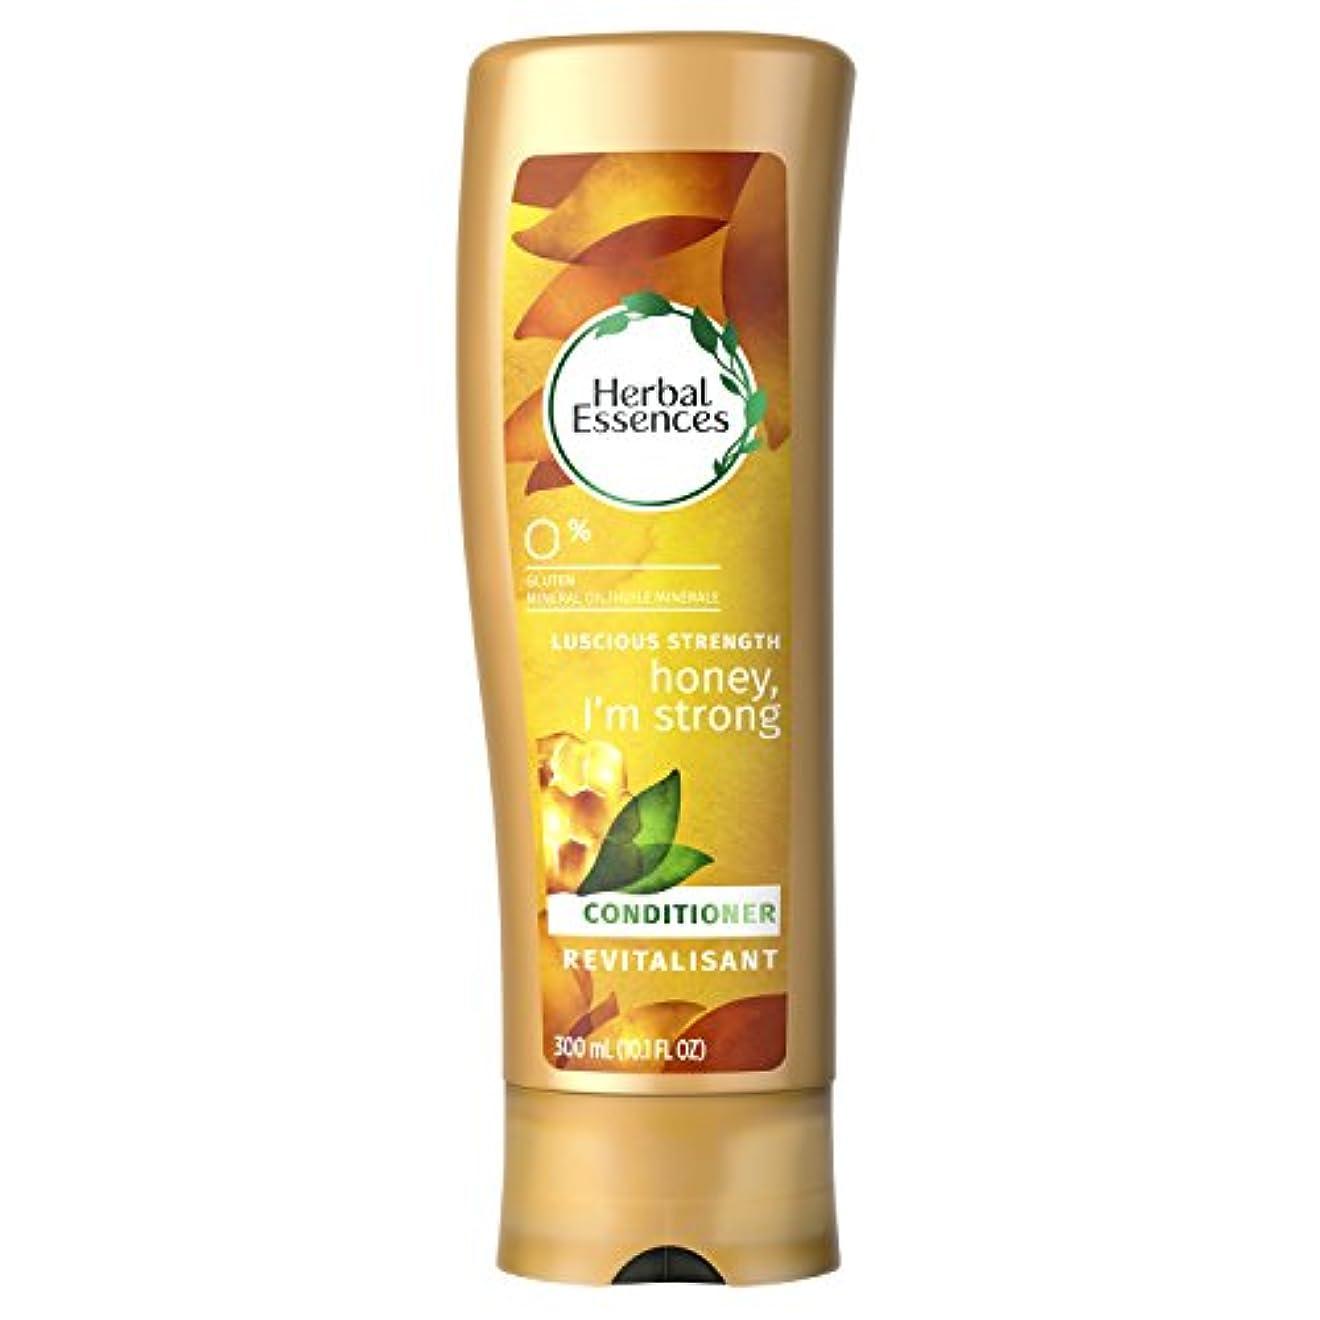 くちばしハチ進化するHerbal Essences Honey I'm Strong Strengthening Conditioner, 10.1 Fluid Ounce by Procter & Gamble - HABA Hub [並行輸入品]